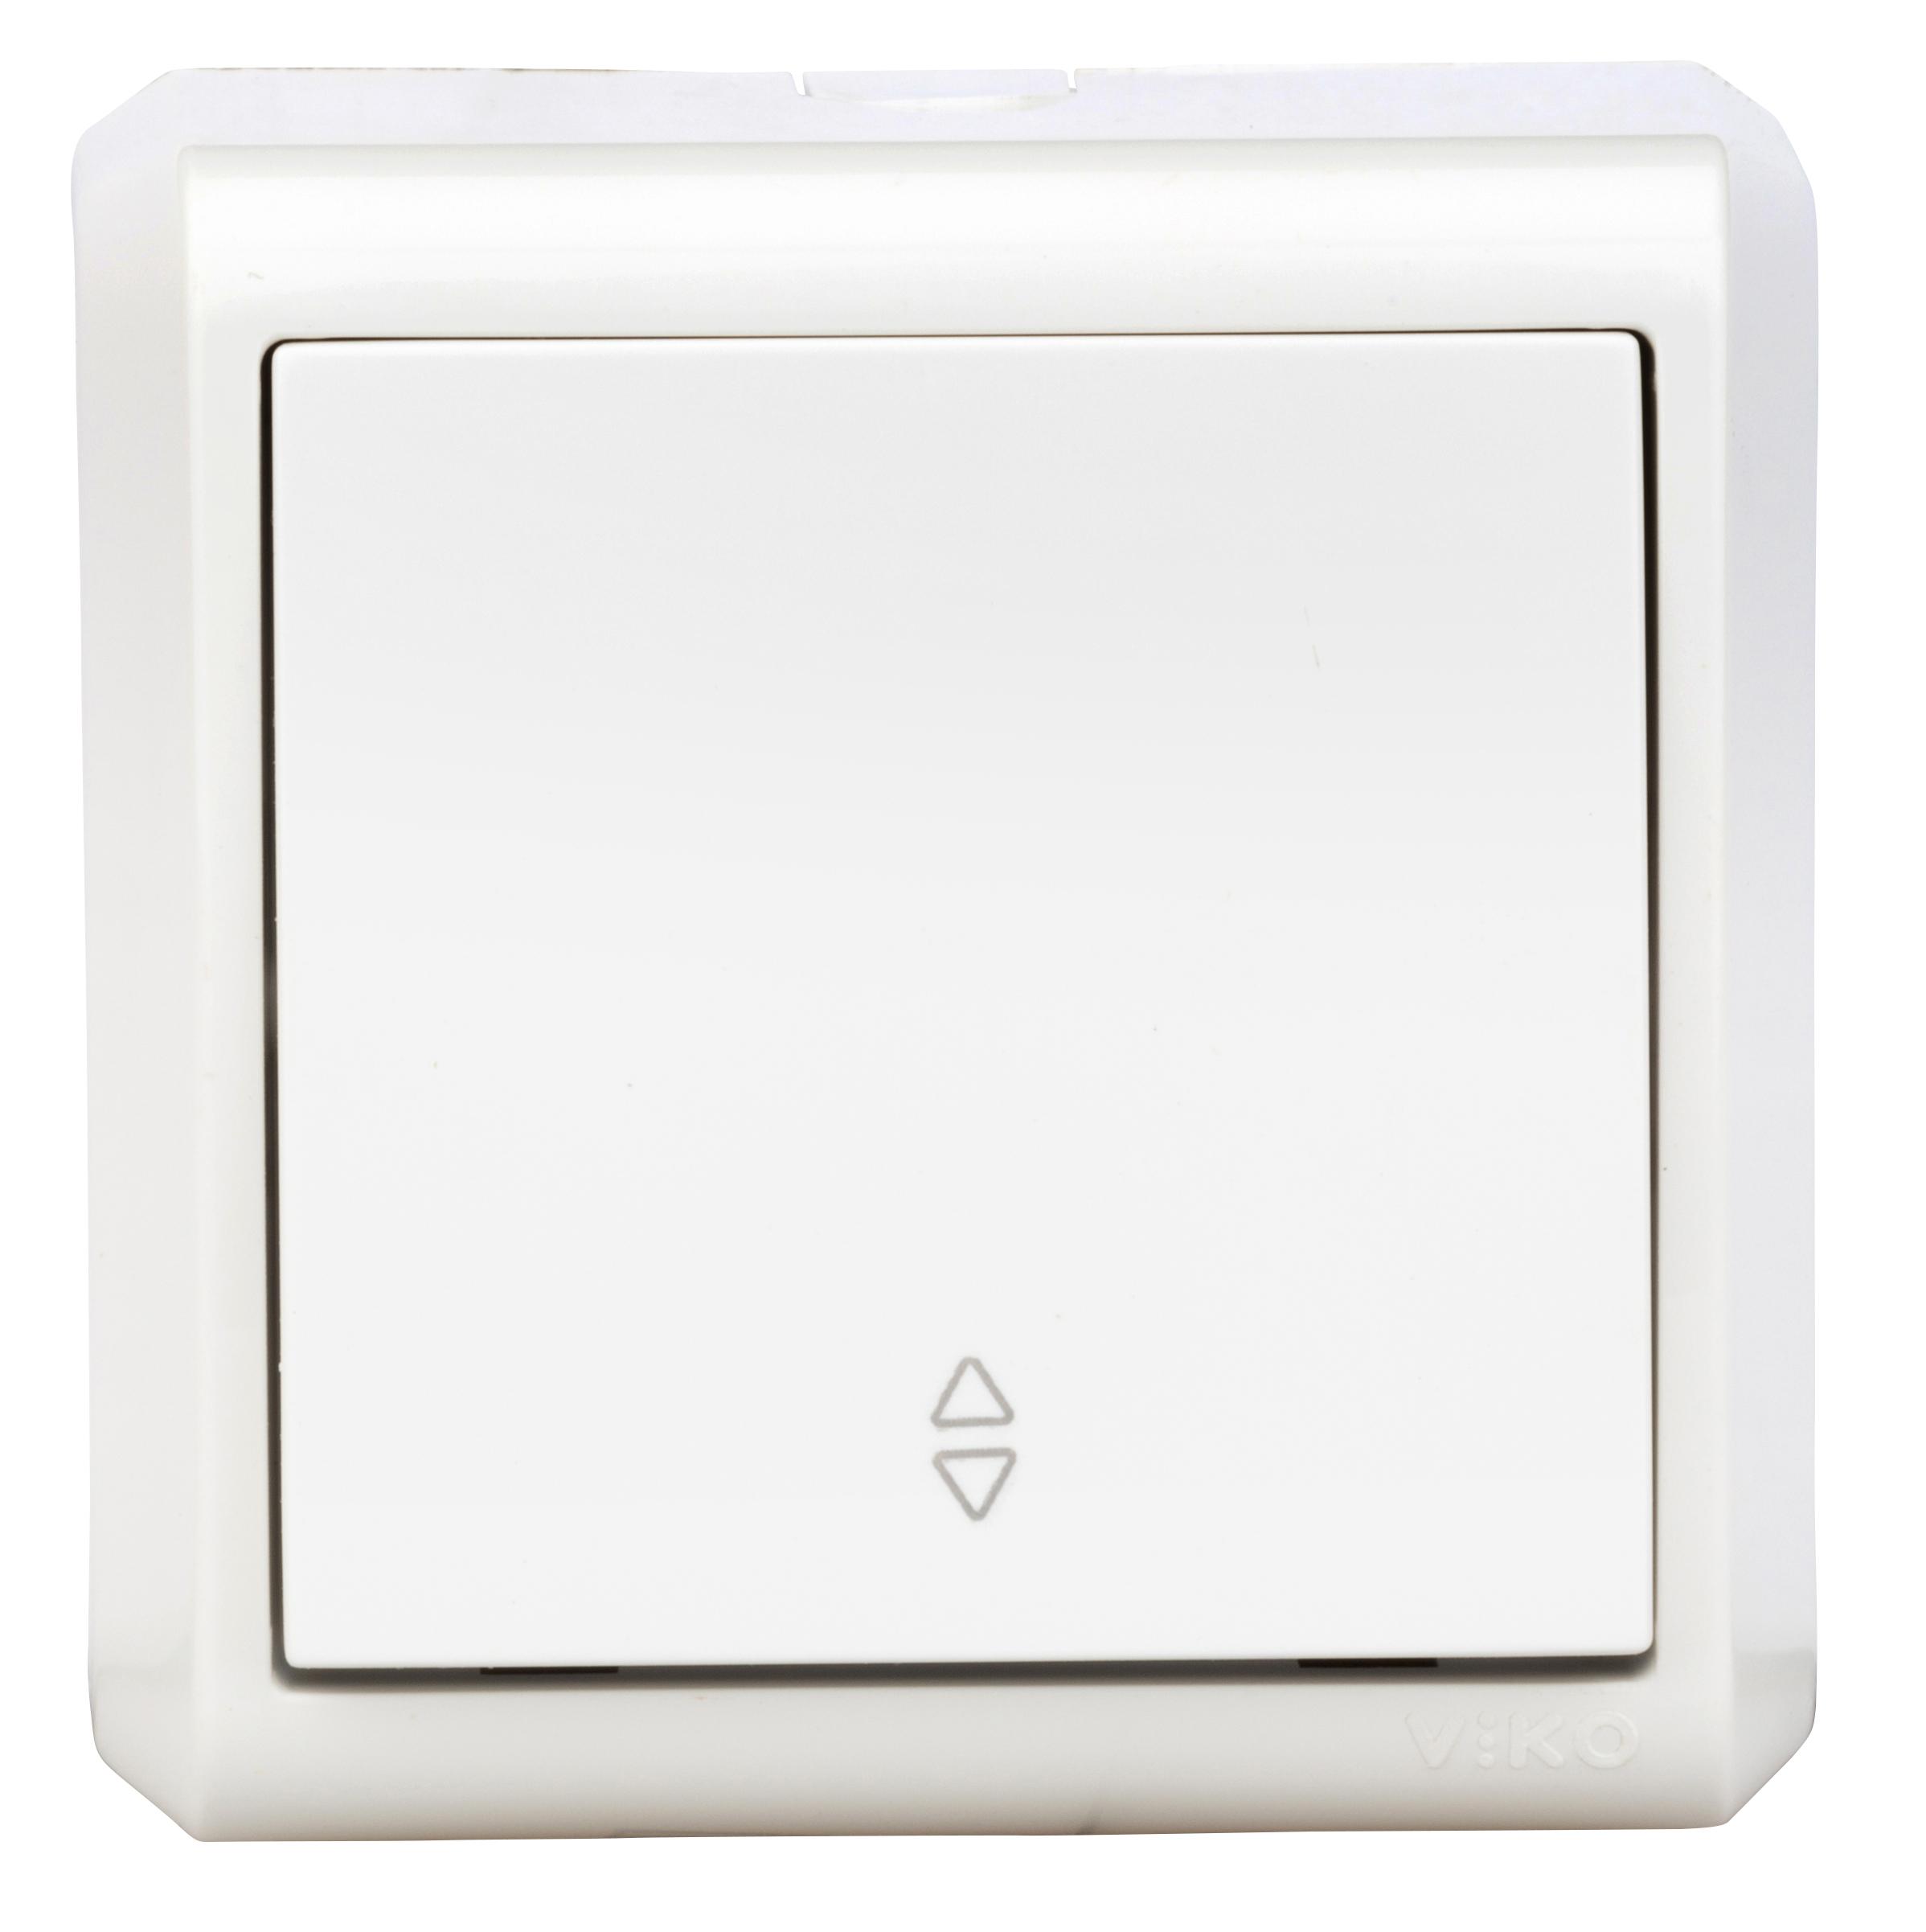 1 Stk AP-Wechselschalter, Schraubklemme, IP20, weiß EV310004--